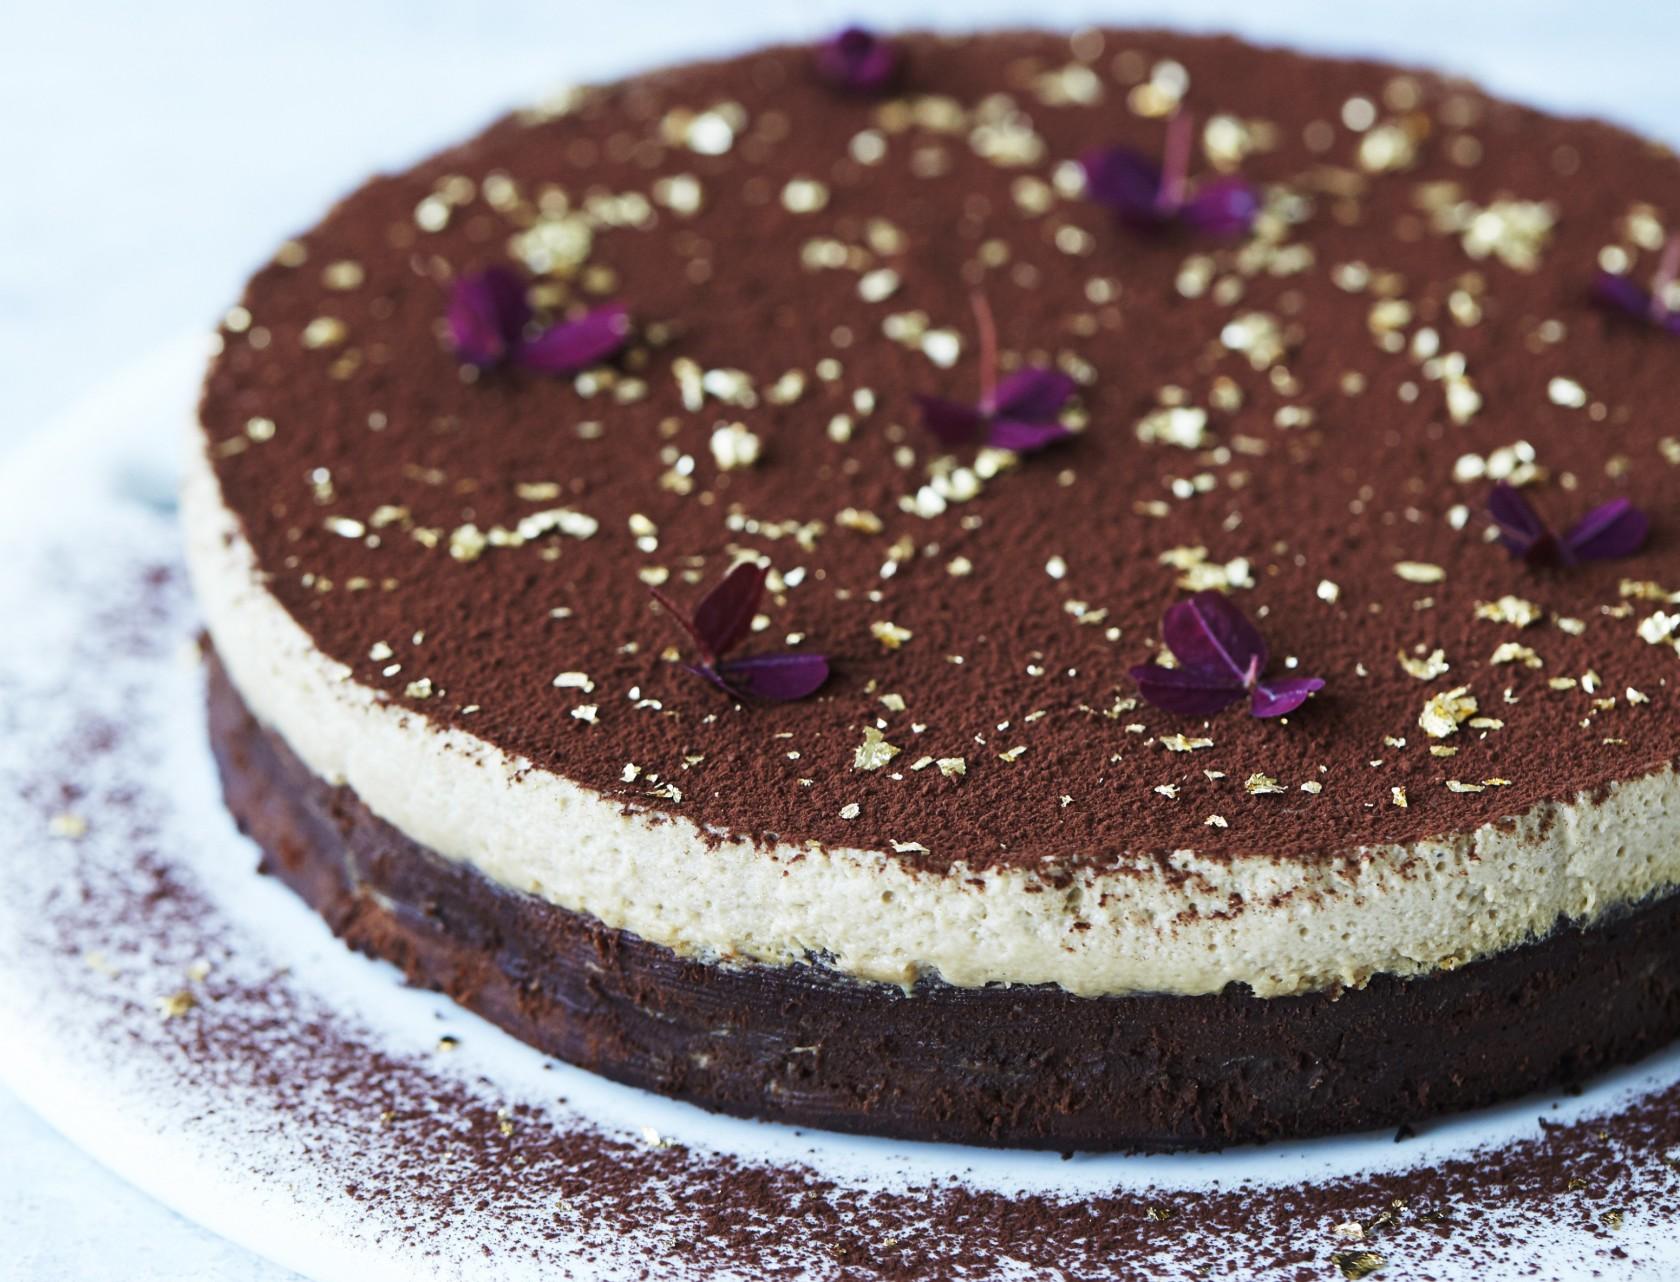 Chokoladekage med kaffemousse - den bedste opskrift!